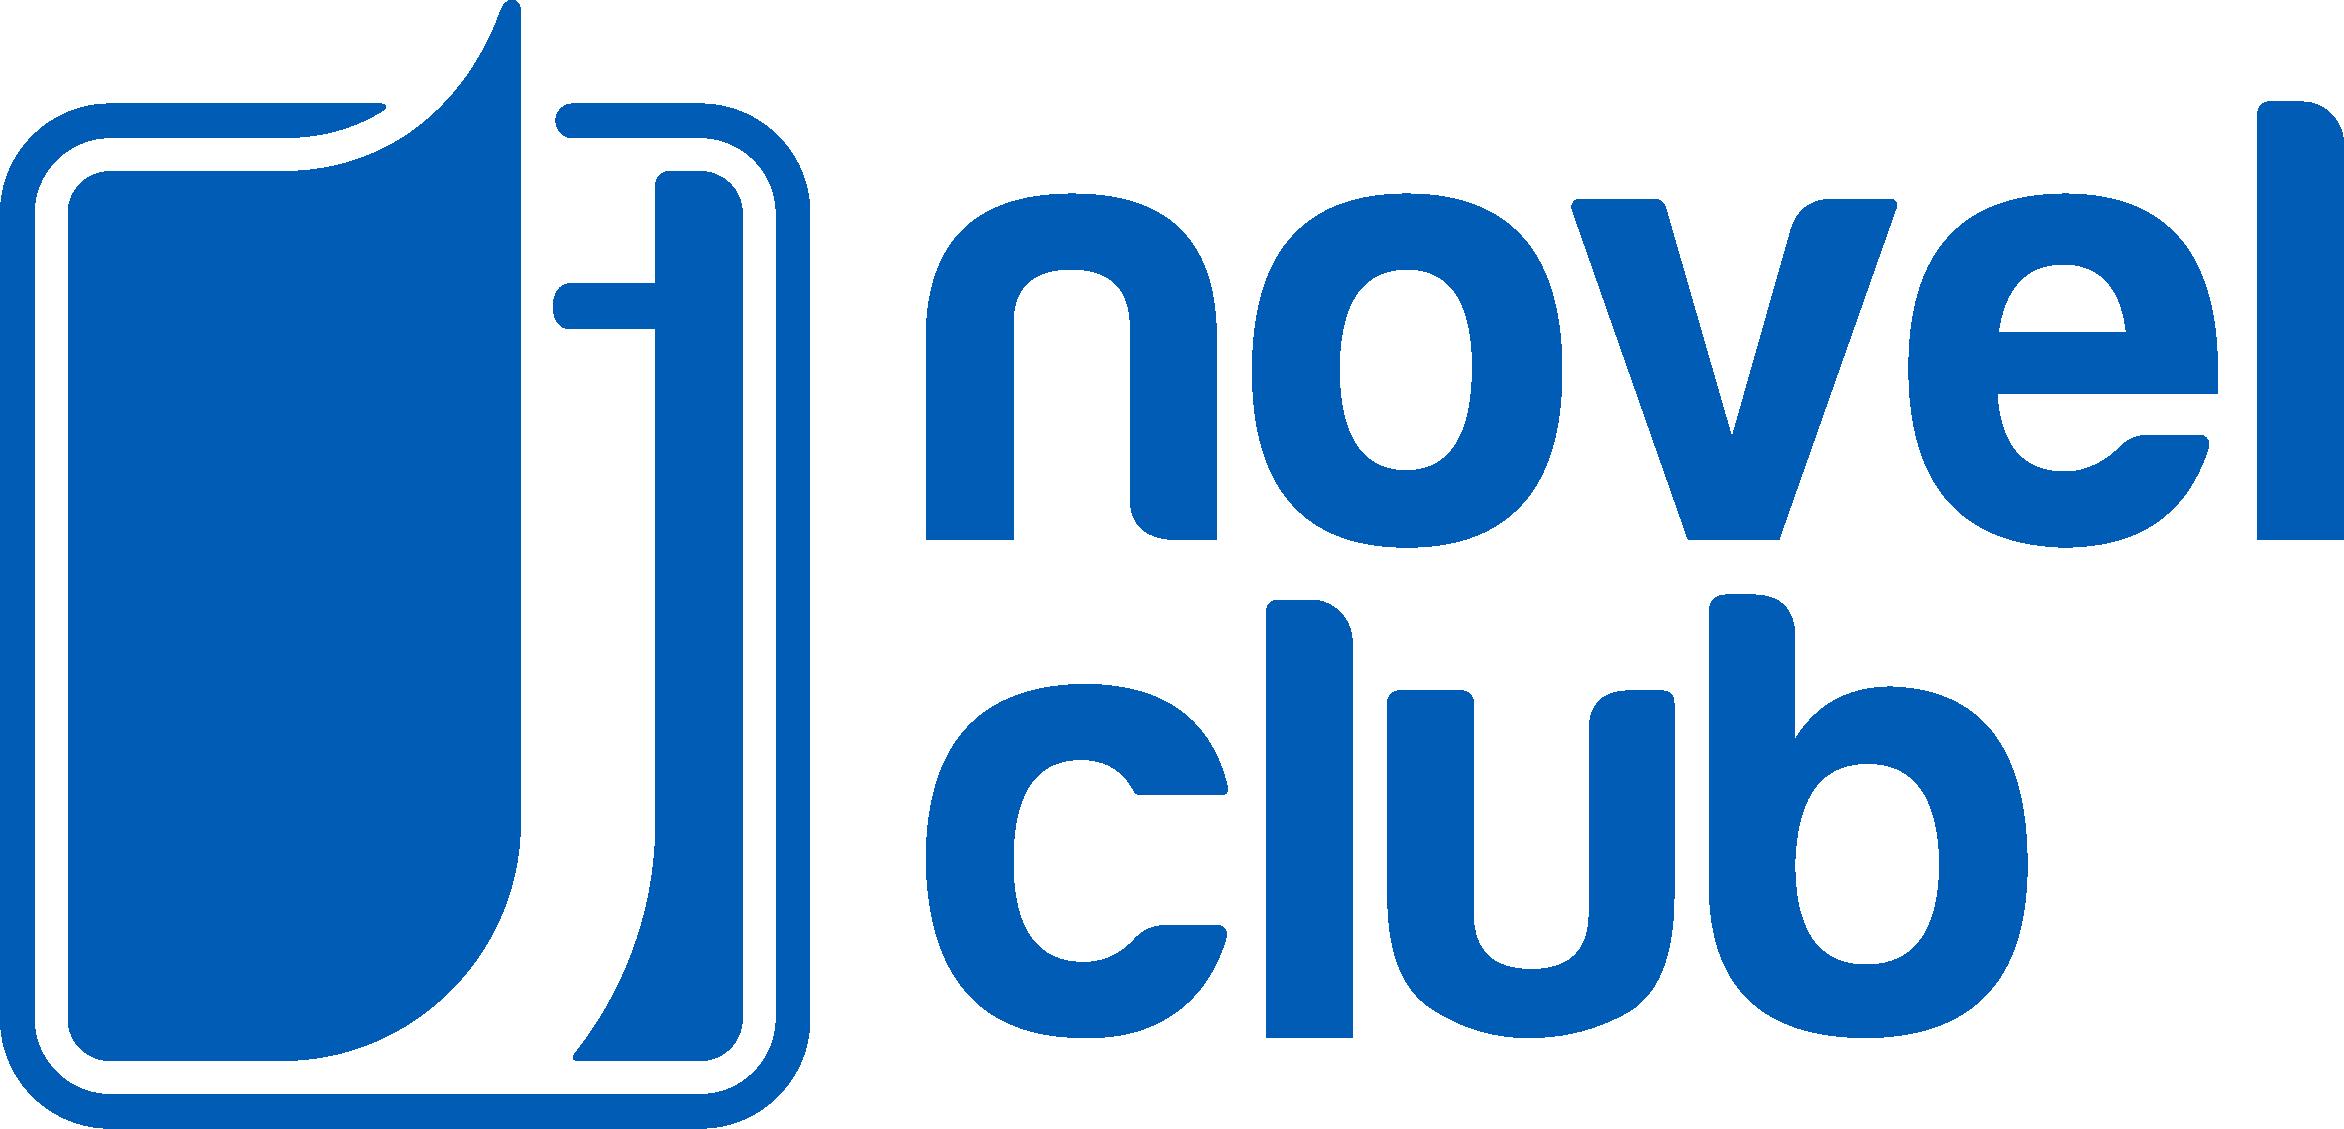 日本のラノベの英語版出版や読み放題ウエブサイト「J-Novel Club」のロゴデザイン